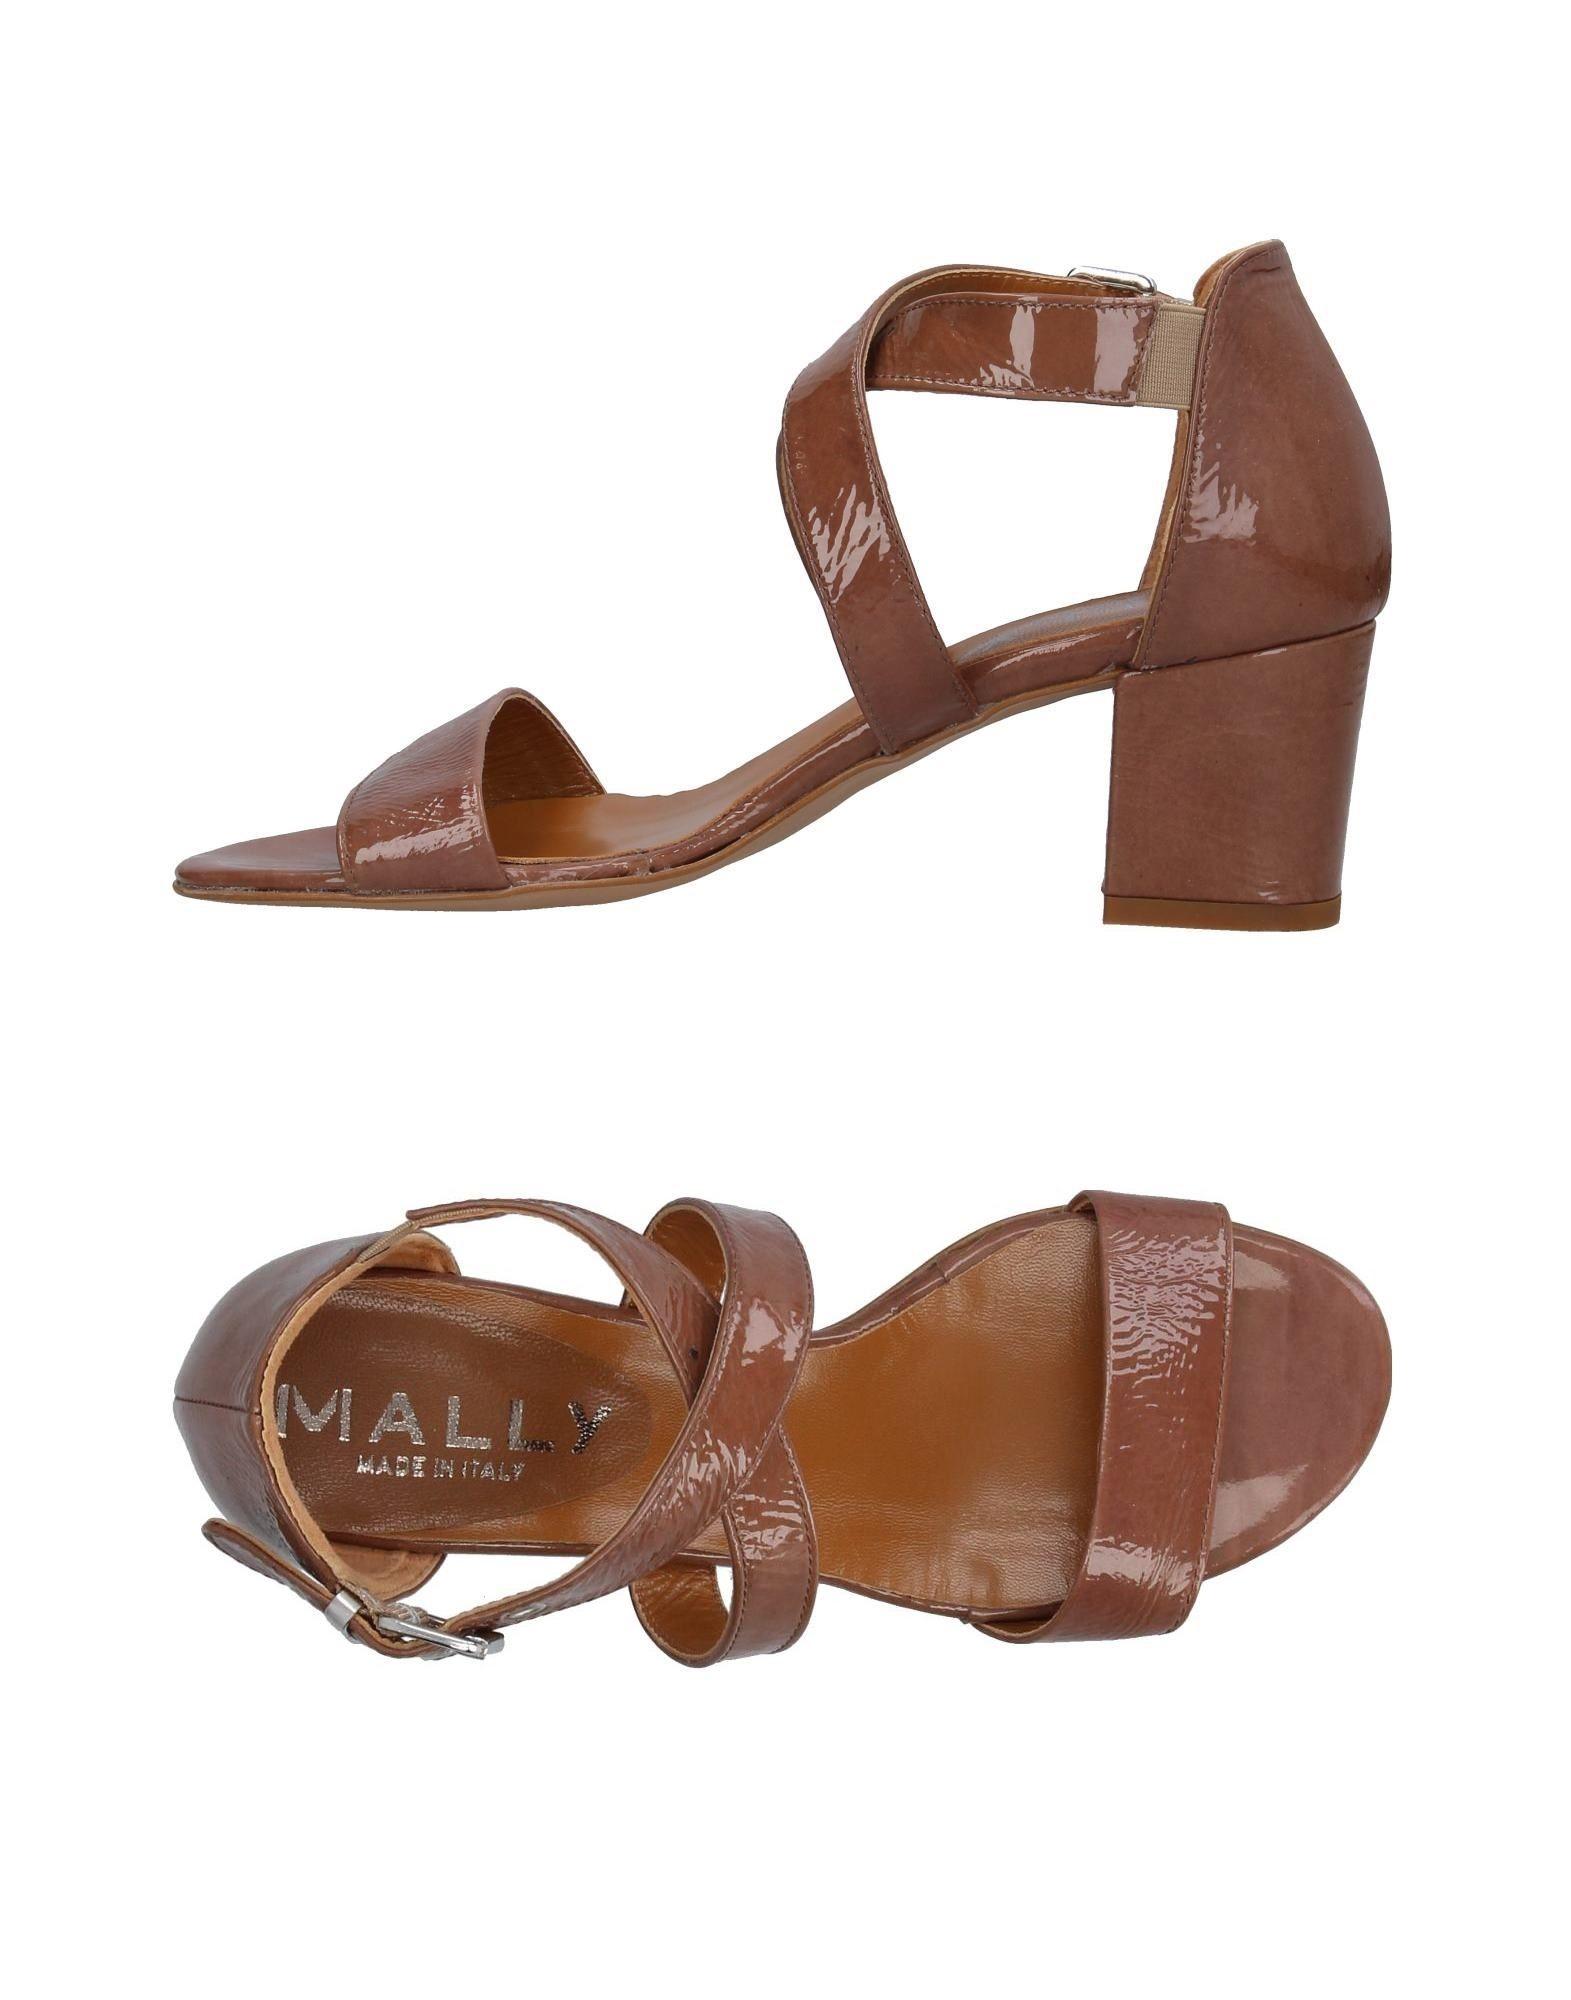 Klassischer Stil-4832,Mally Sandalen es Damen Gutes Preis-Leistungs-Verhältnis, es Sandalen lohnt sich a0d7ab